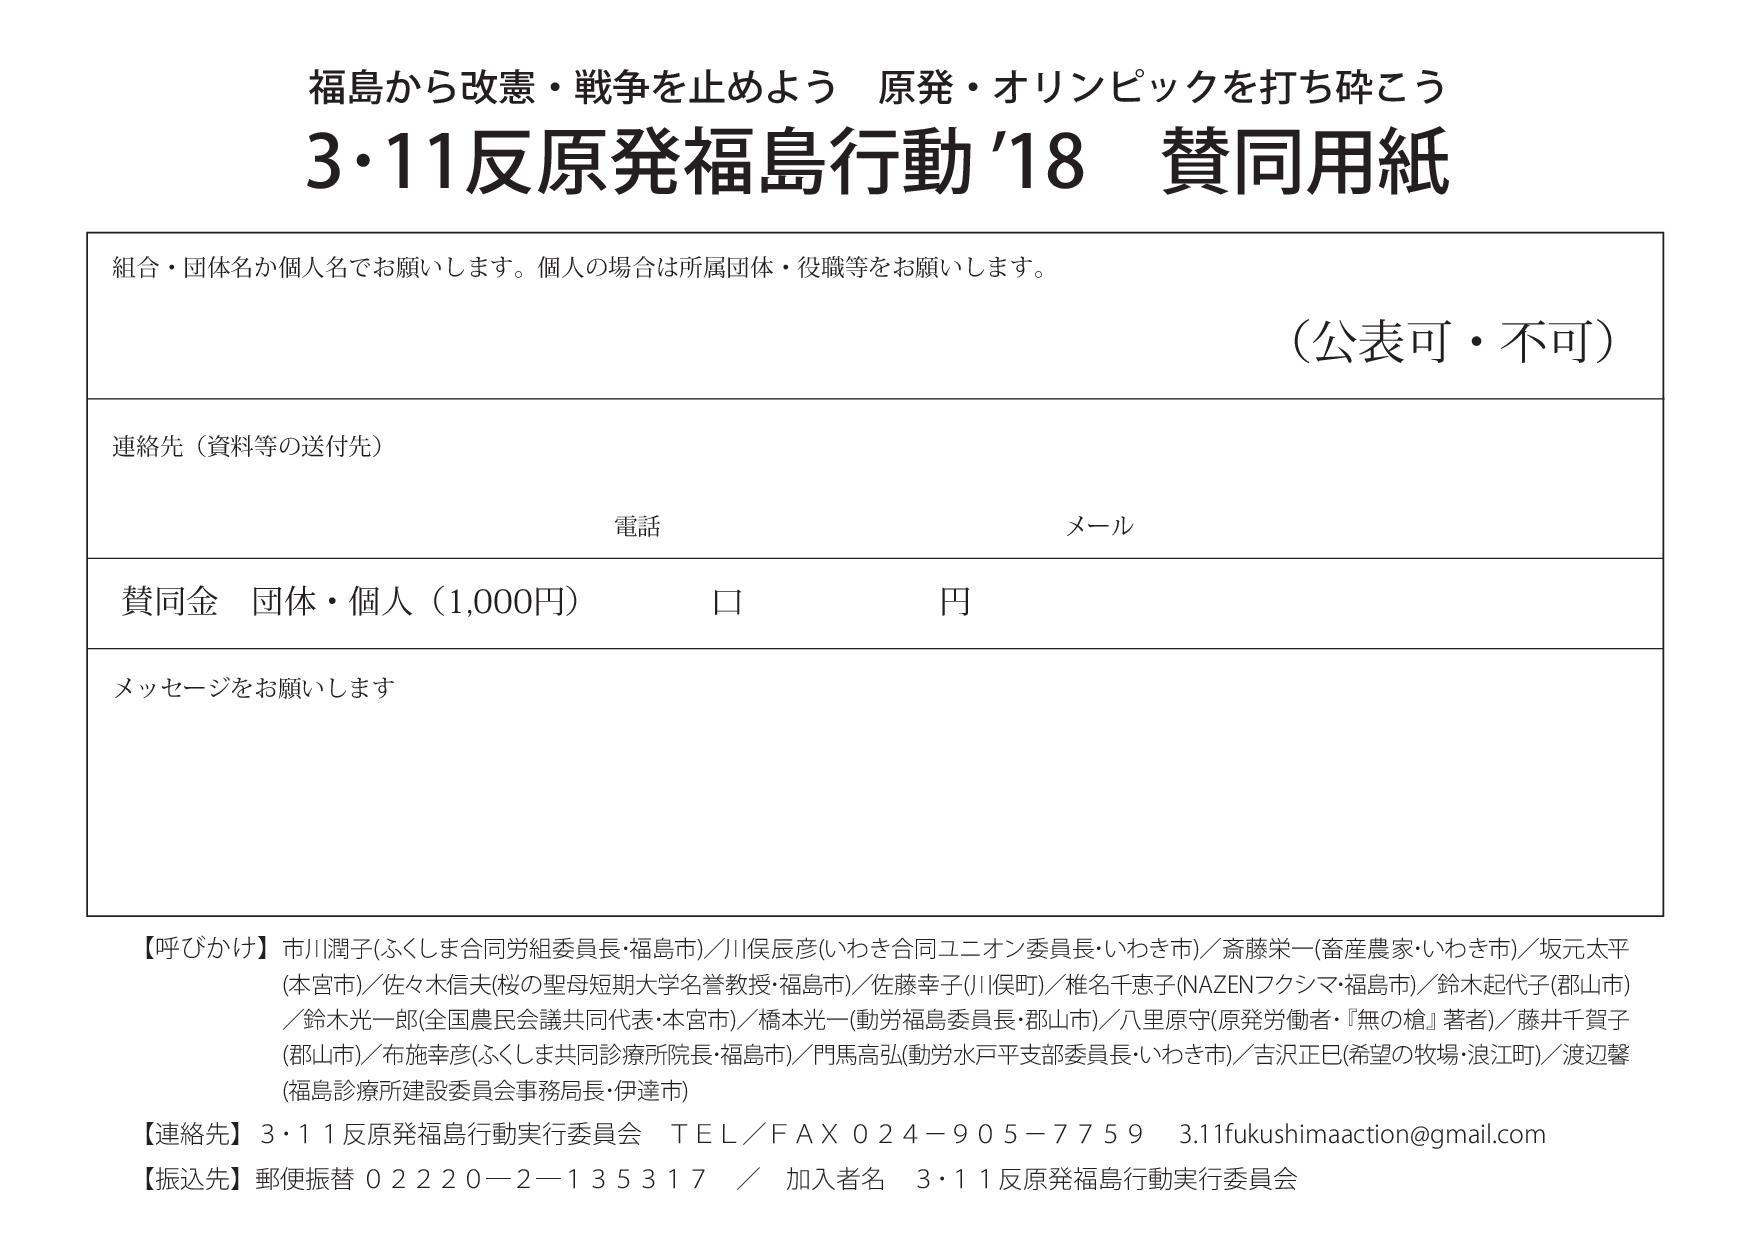 18賛同署名(個人)